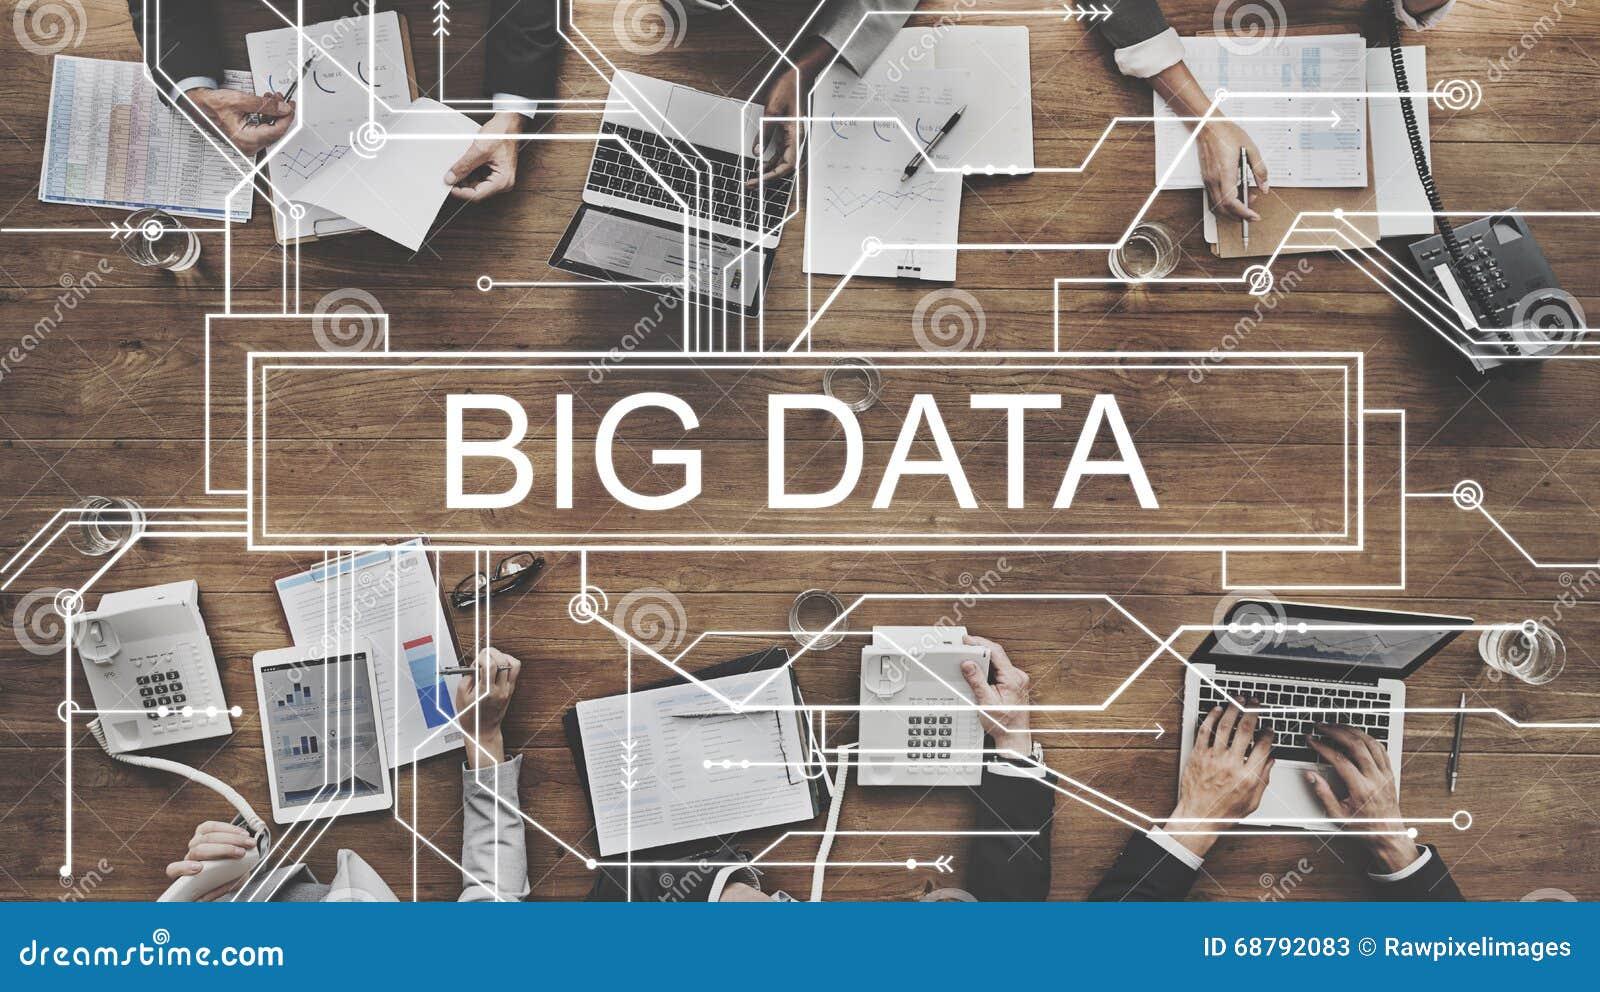 Concetto online del server della grande rete di archiviazione di dati